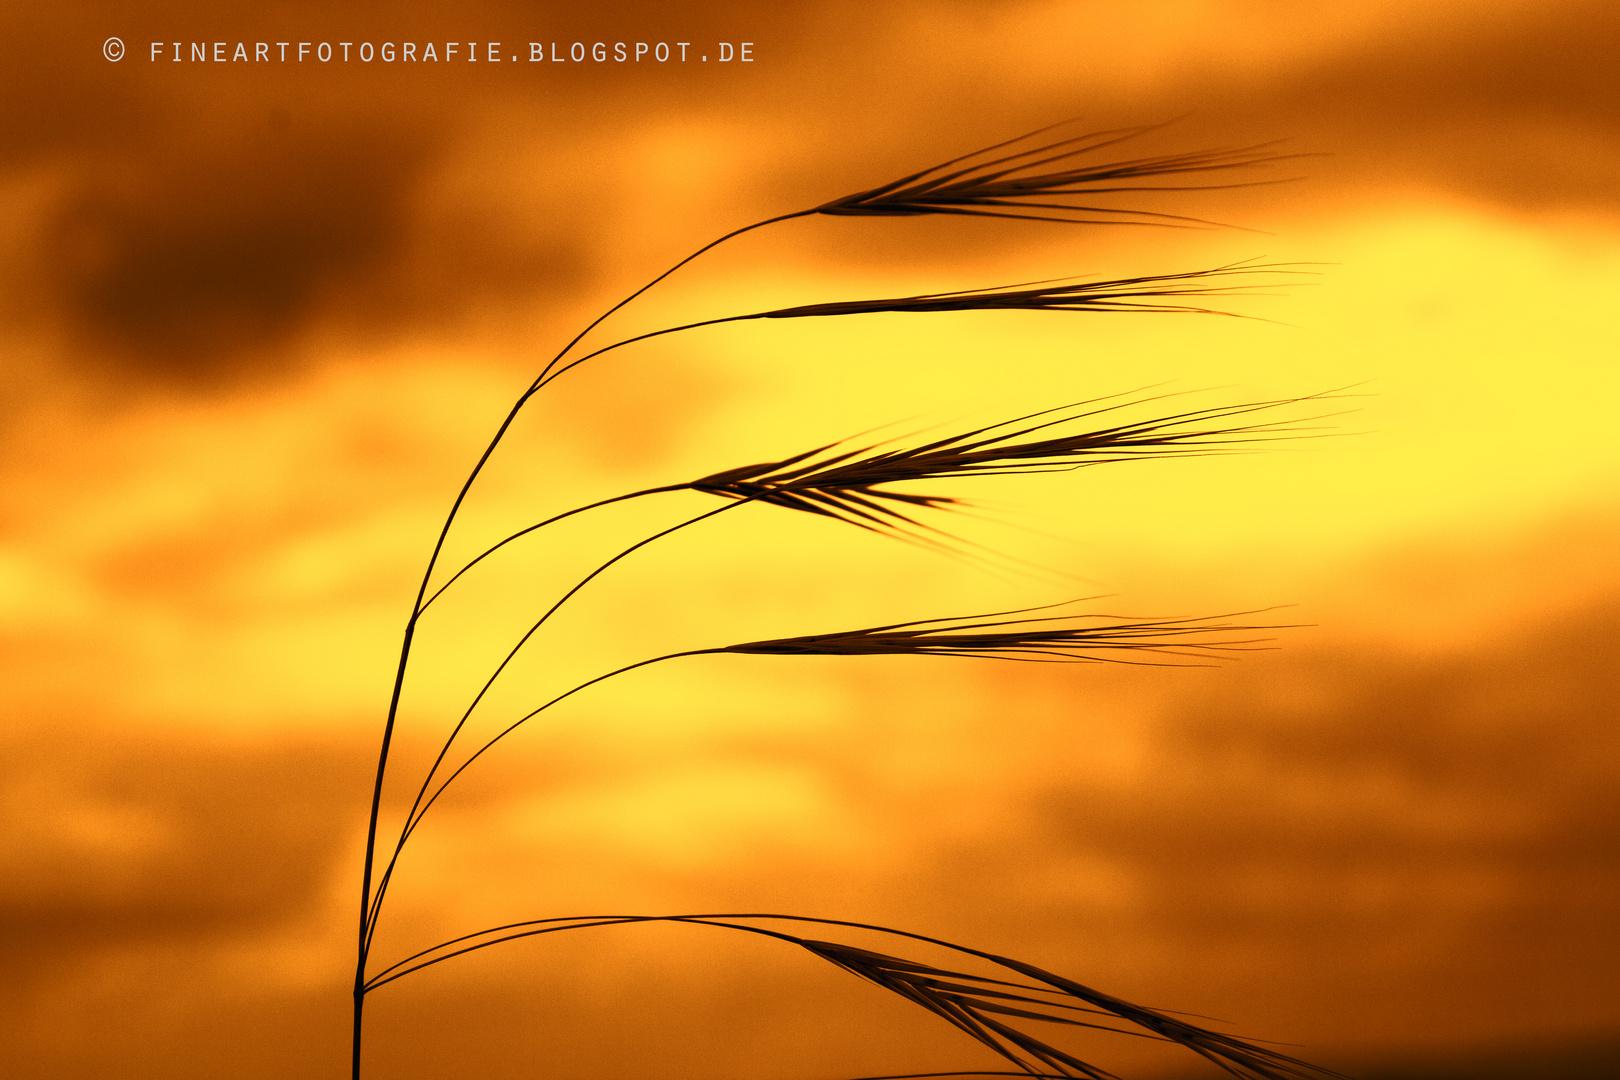 Gräser tanzen im Abendlicht.